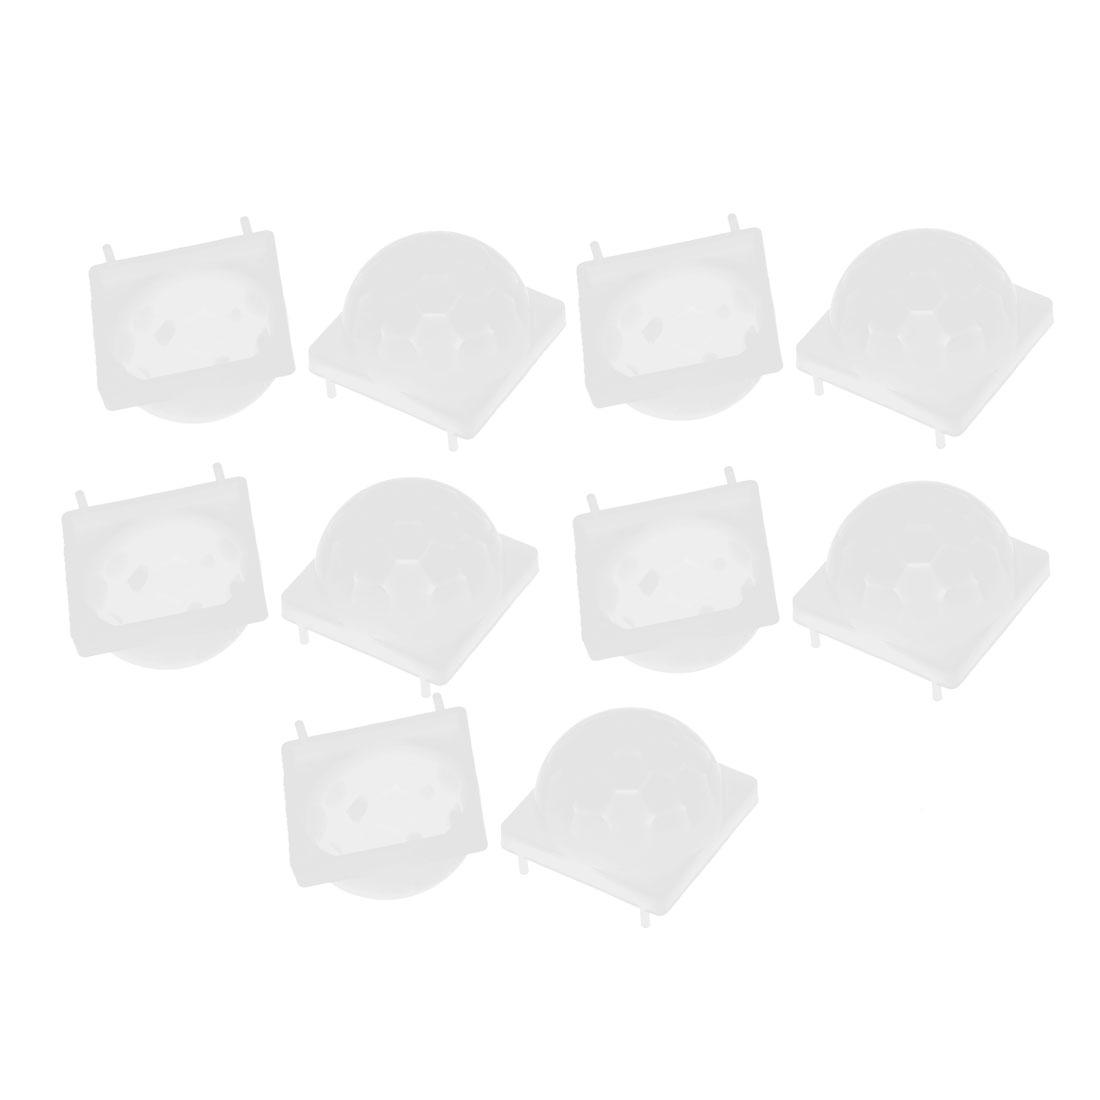 10 Pcs Body IR Sensor Infrared Fresnel Lens Modular White